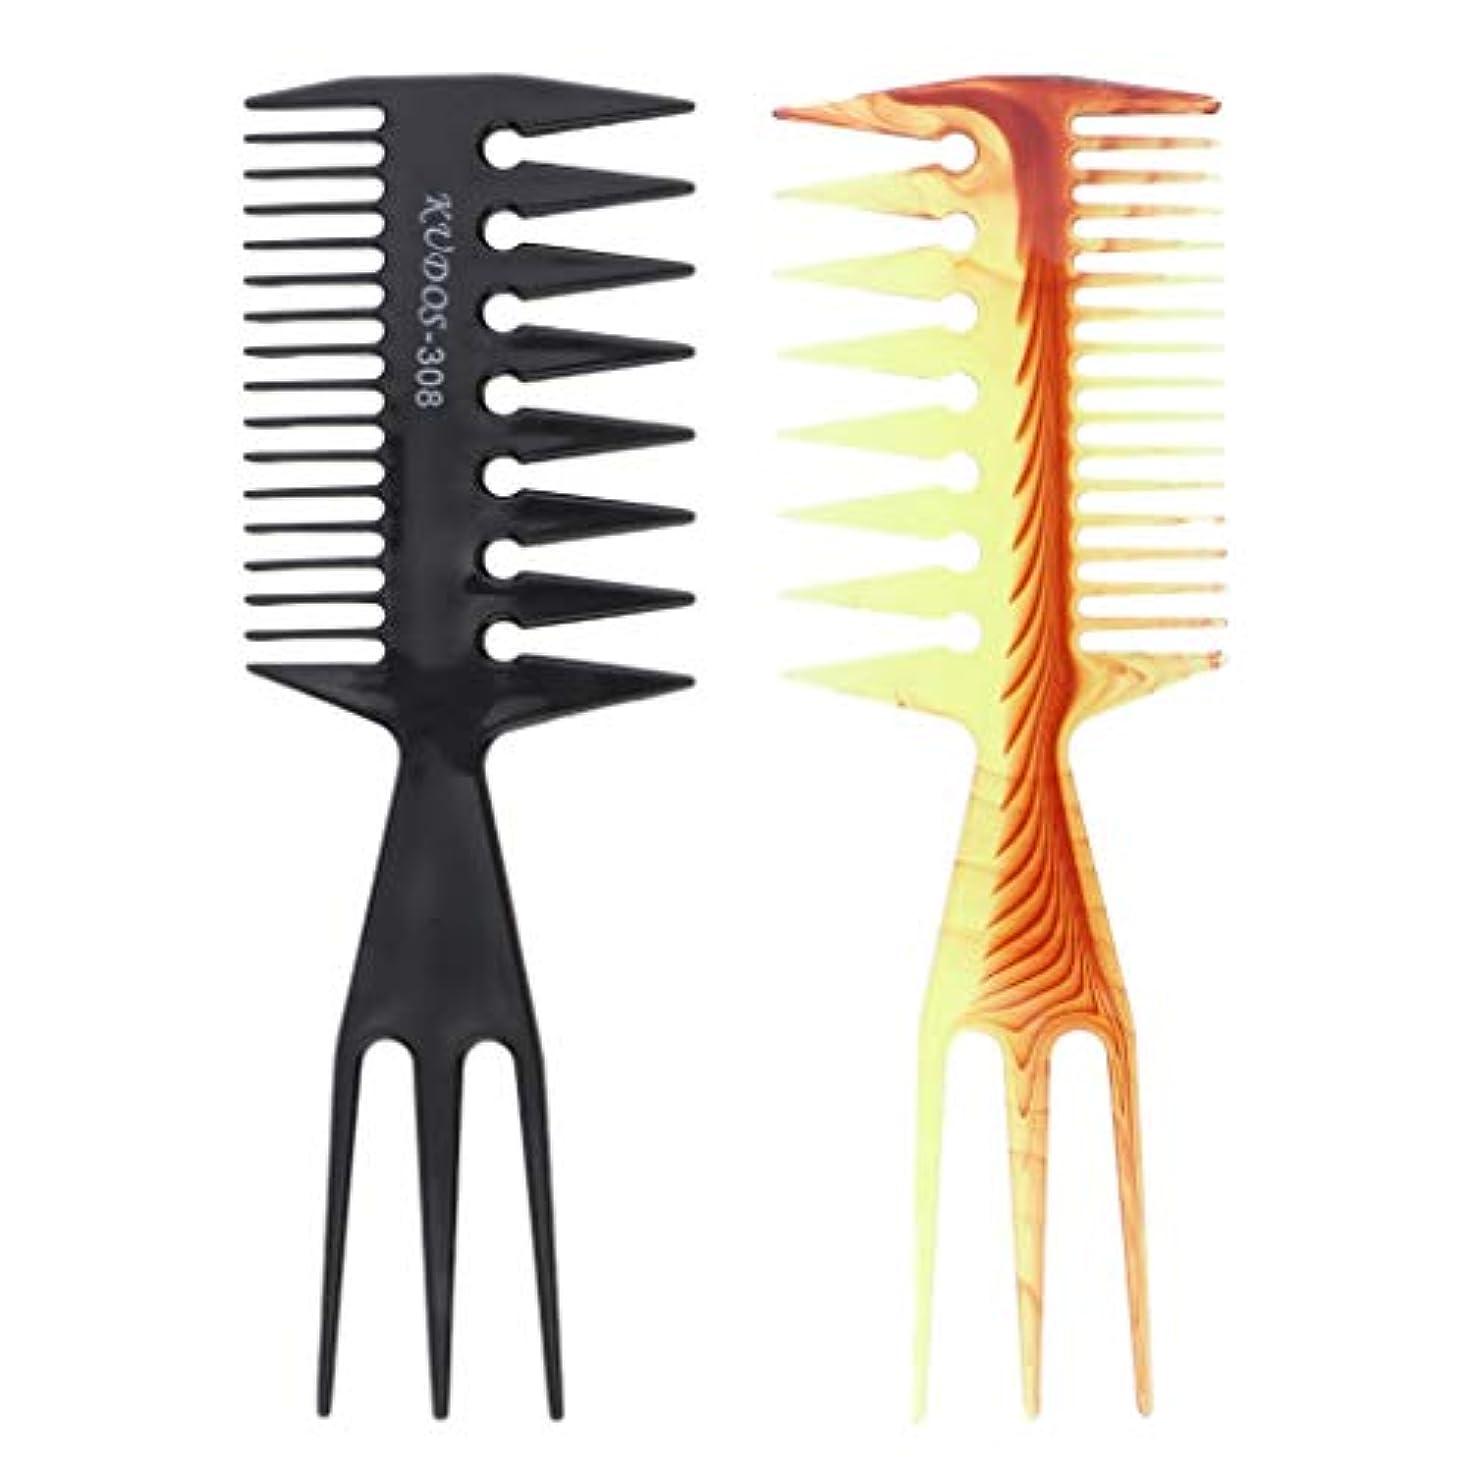 スナップ黙慣性SM SunniMix へアカラーセット ヘアダイブラシ DIY髪染め用 サロン 美髪師用 ヘアカラーの用具 2個セット